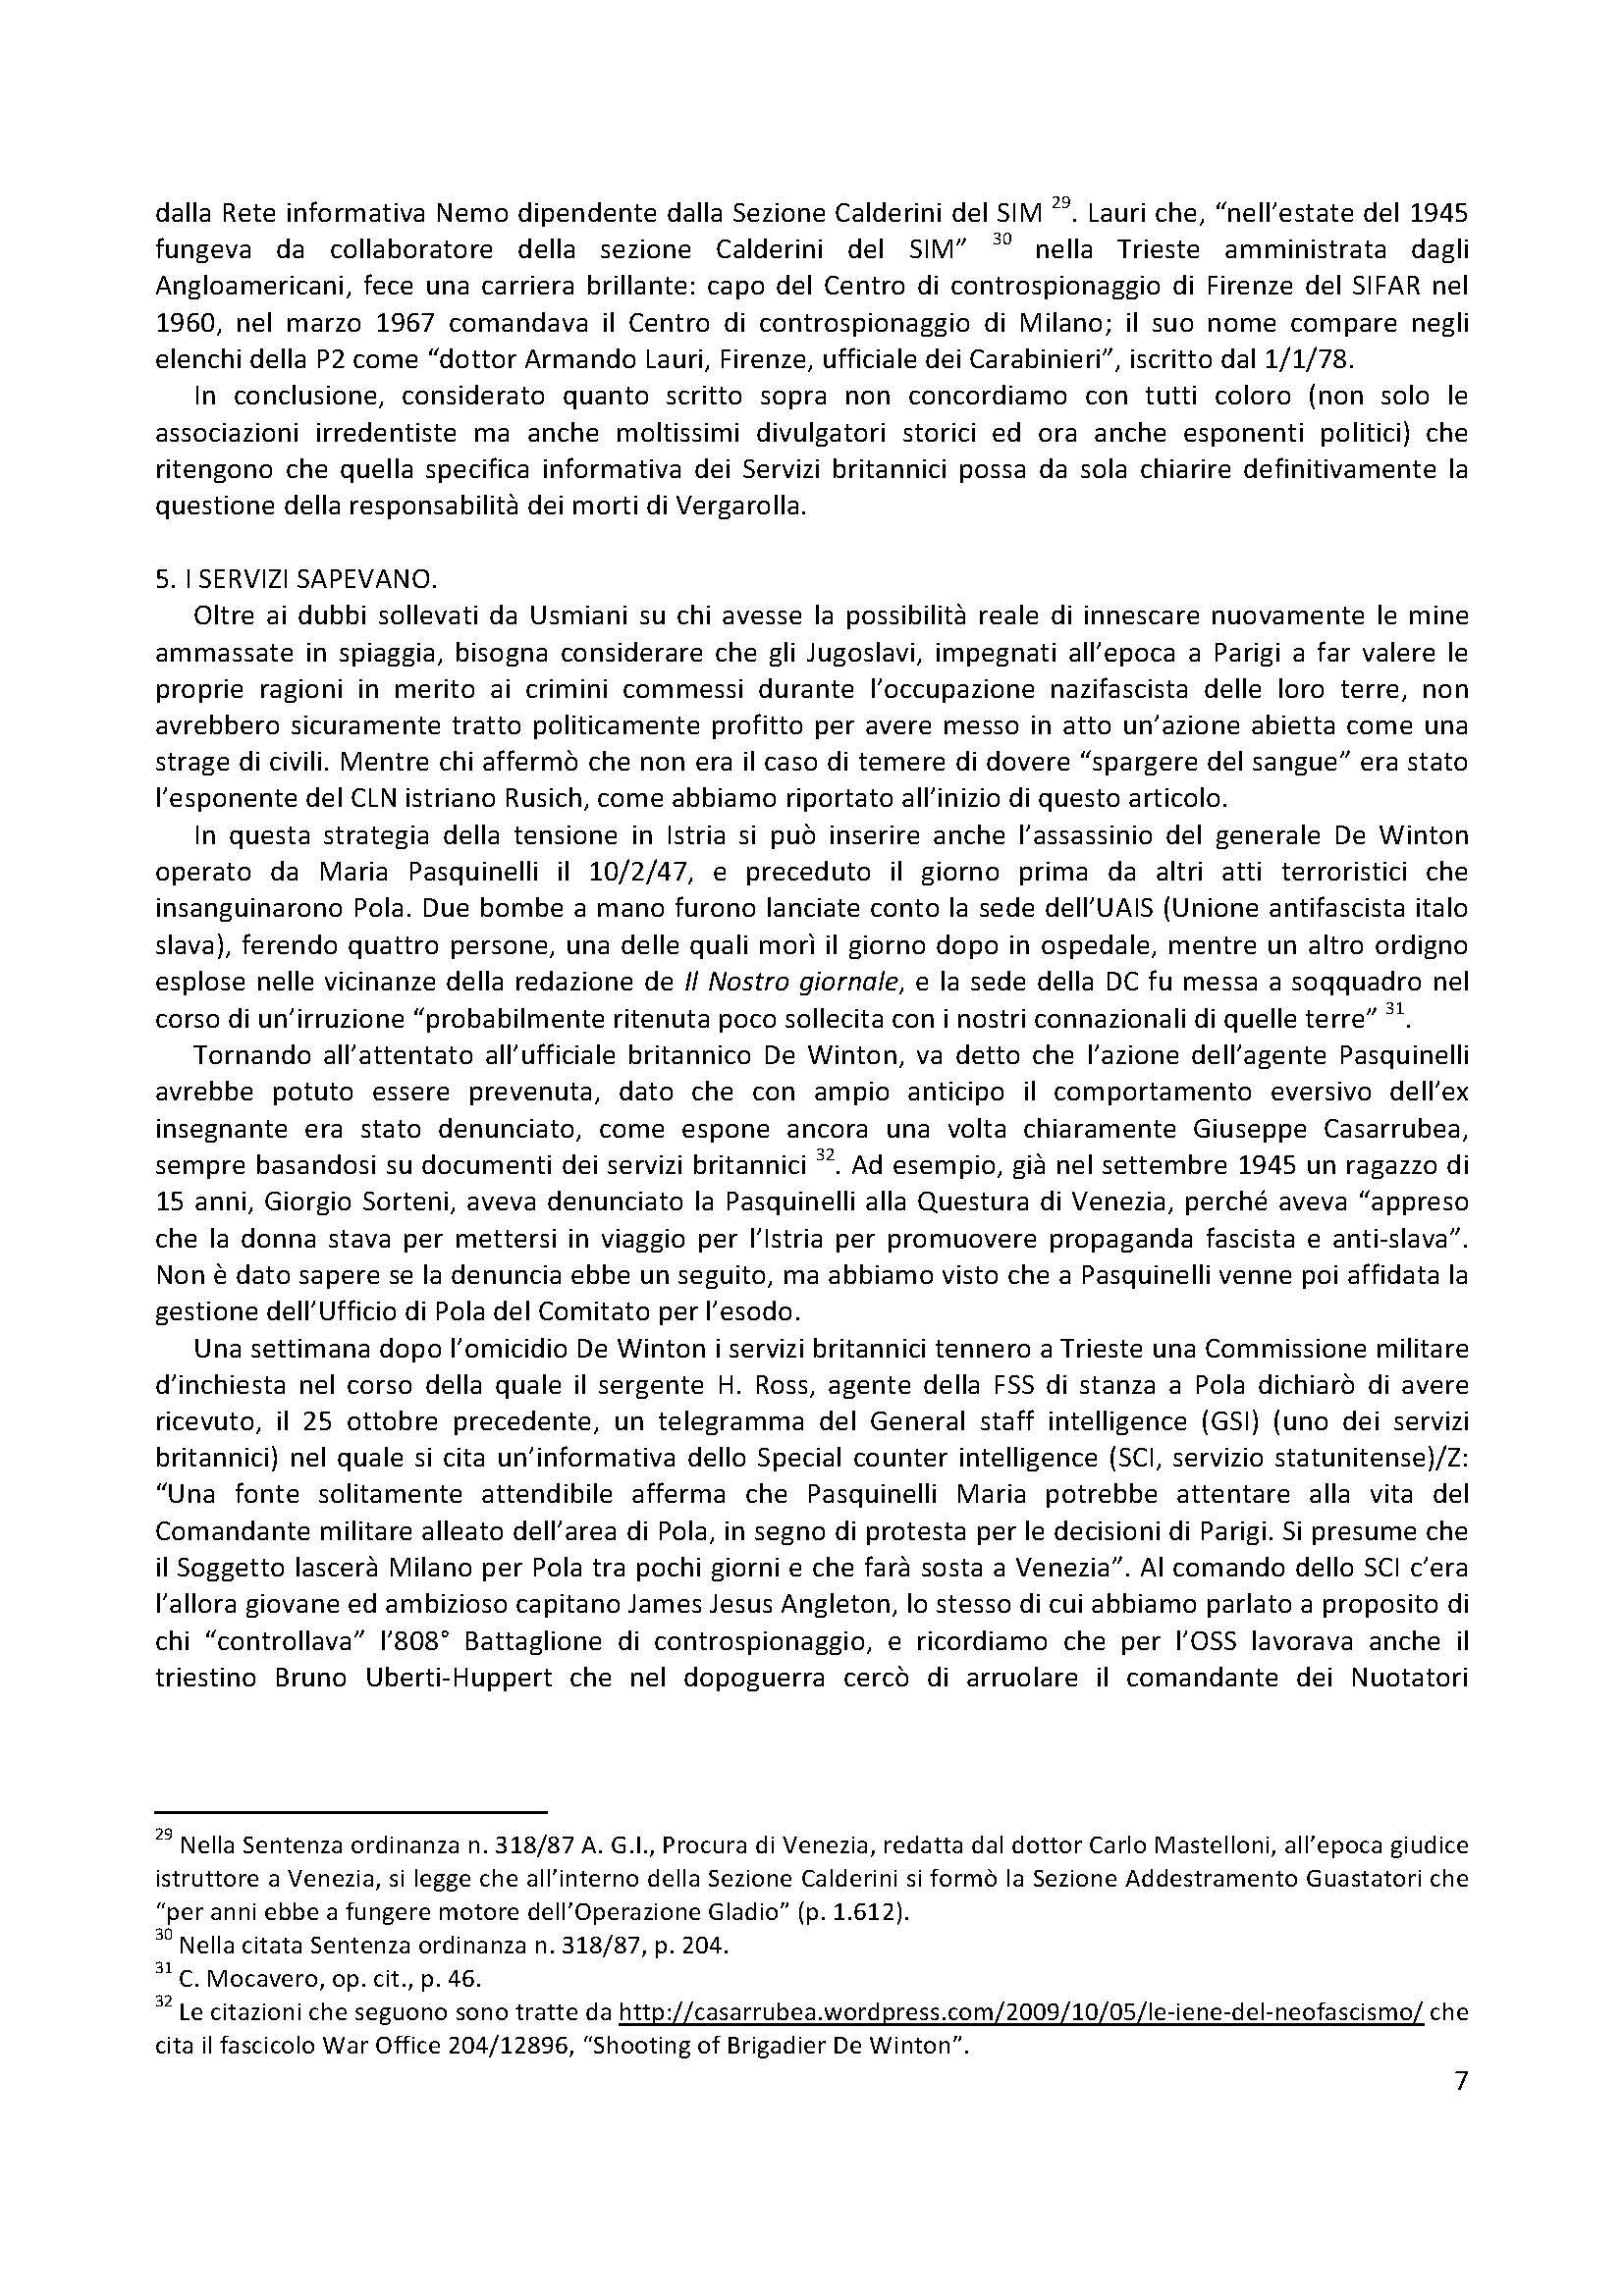 STRATEGIA-DELLA-TENSIONE-IN-ISTRIA (1)_Page_7